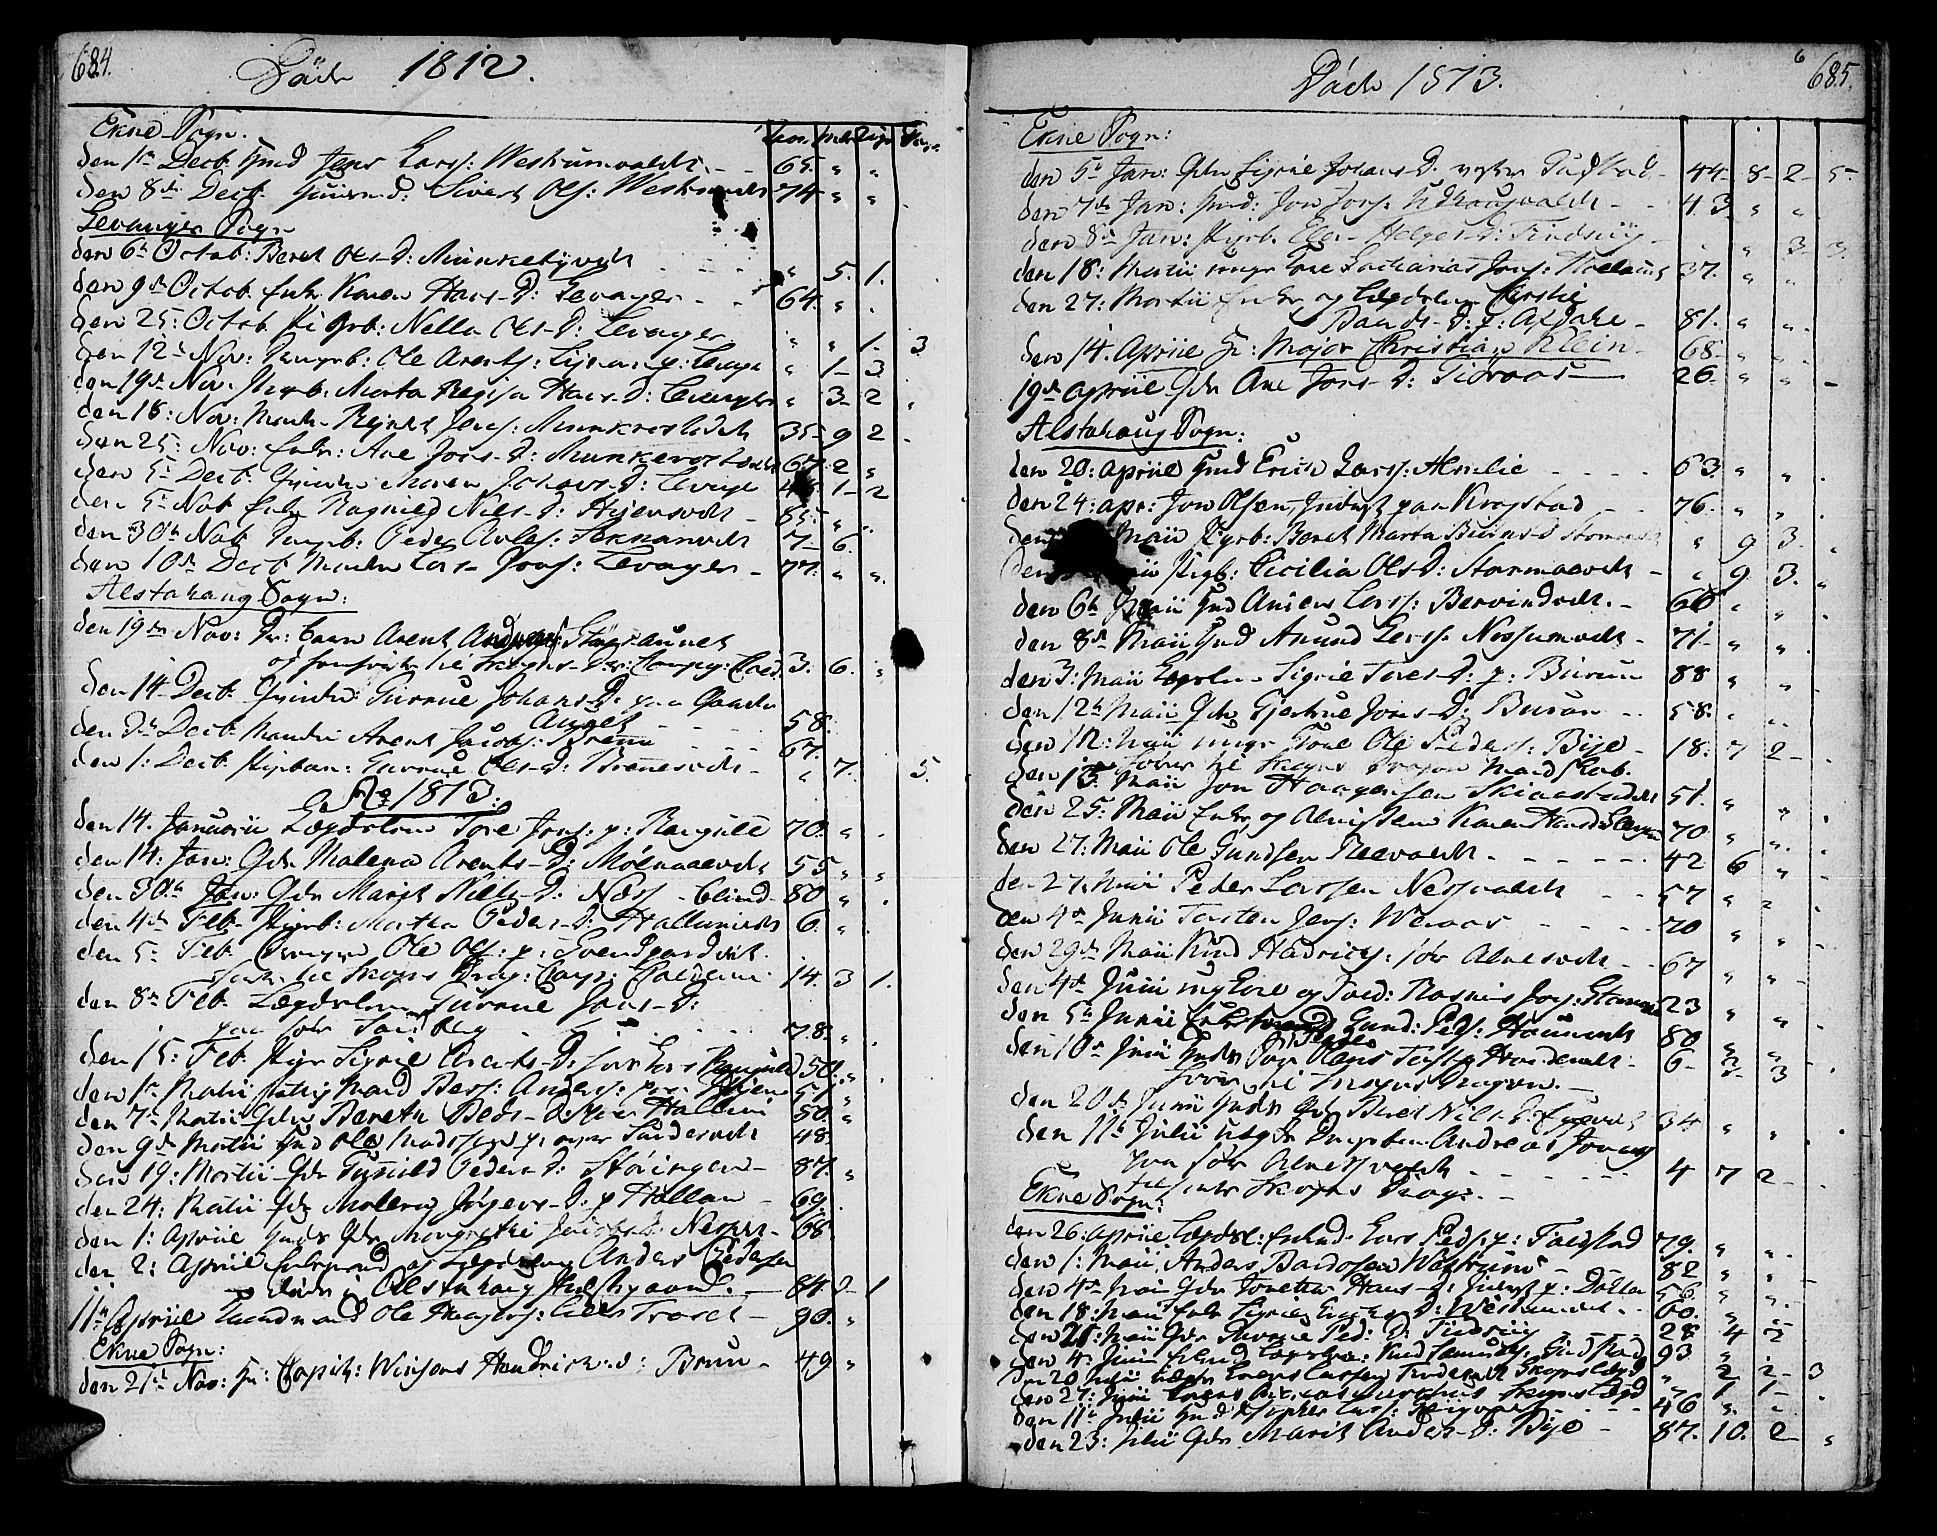 SAT, Ministerialprotokoller, klokkerbøker og fødselsregistre - Nord-Trøndelag, 717/L0145: Ministerialbok nr. 717A03 /1, 1810-1815, s. 684-685